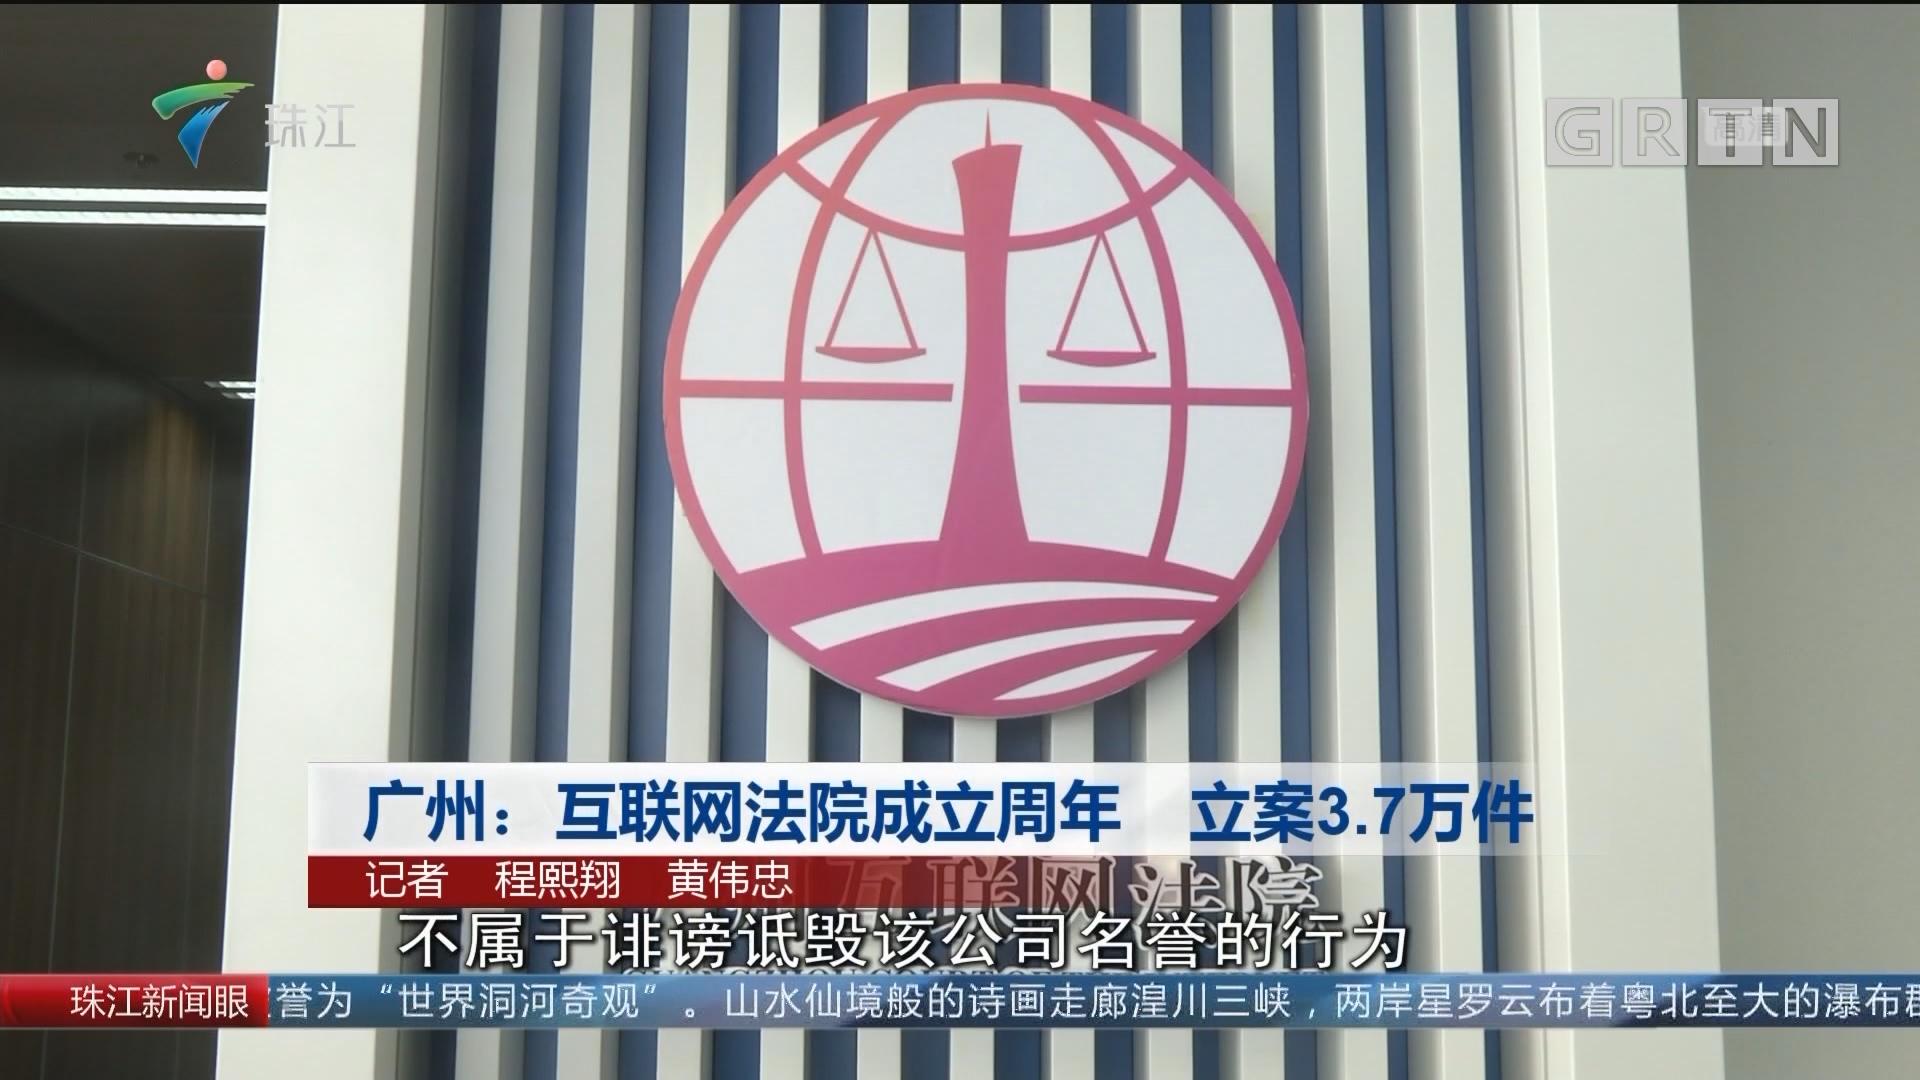 廣州:互聯網法院成立周年 立案3.7萬件